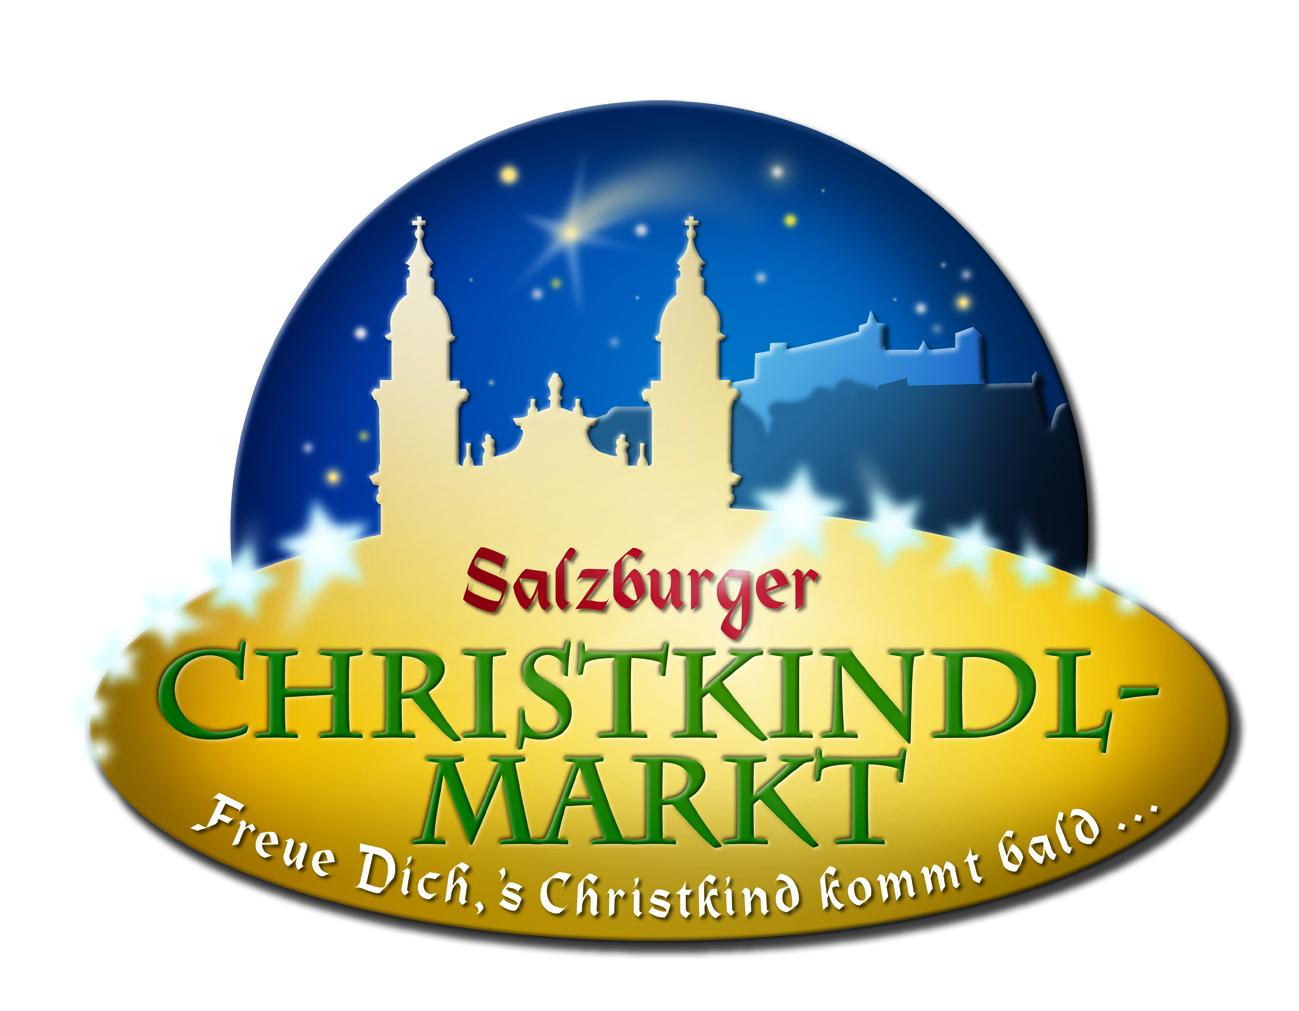 Veranstaltung Salzburger Christkindlmarkt 2017 im DomQuartier Salzburg